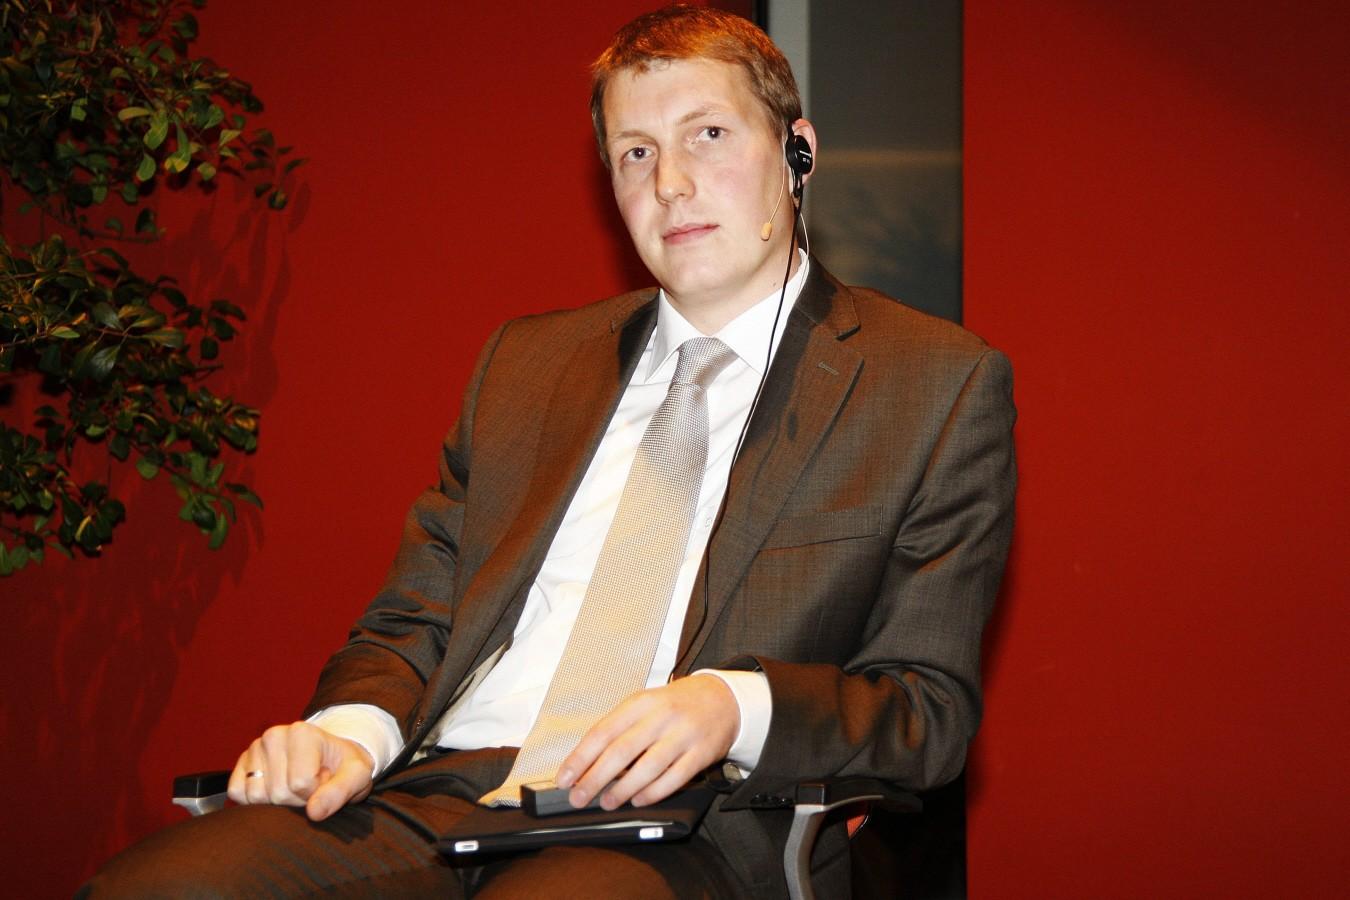 Robert Schlegel im Jahr 2010, als er noch in der Duma, dem russischen Parlament, saß und sich als engagierter Befürworter von Internetzensur einen Namen machte. (Foto: picture-alliance/Eventpress)